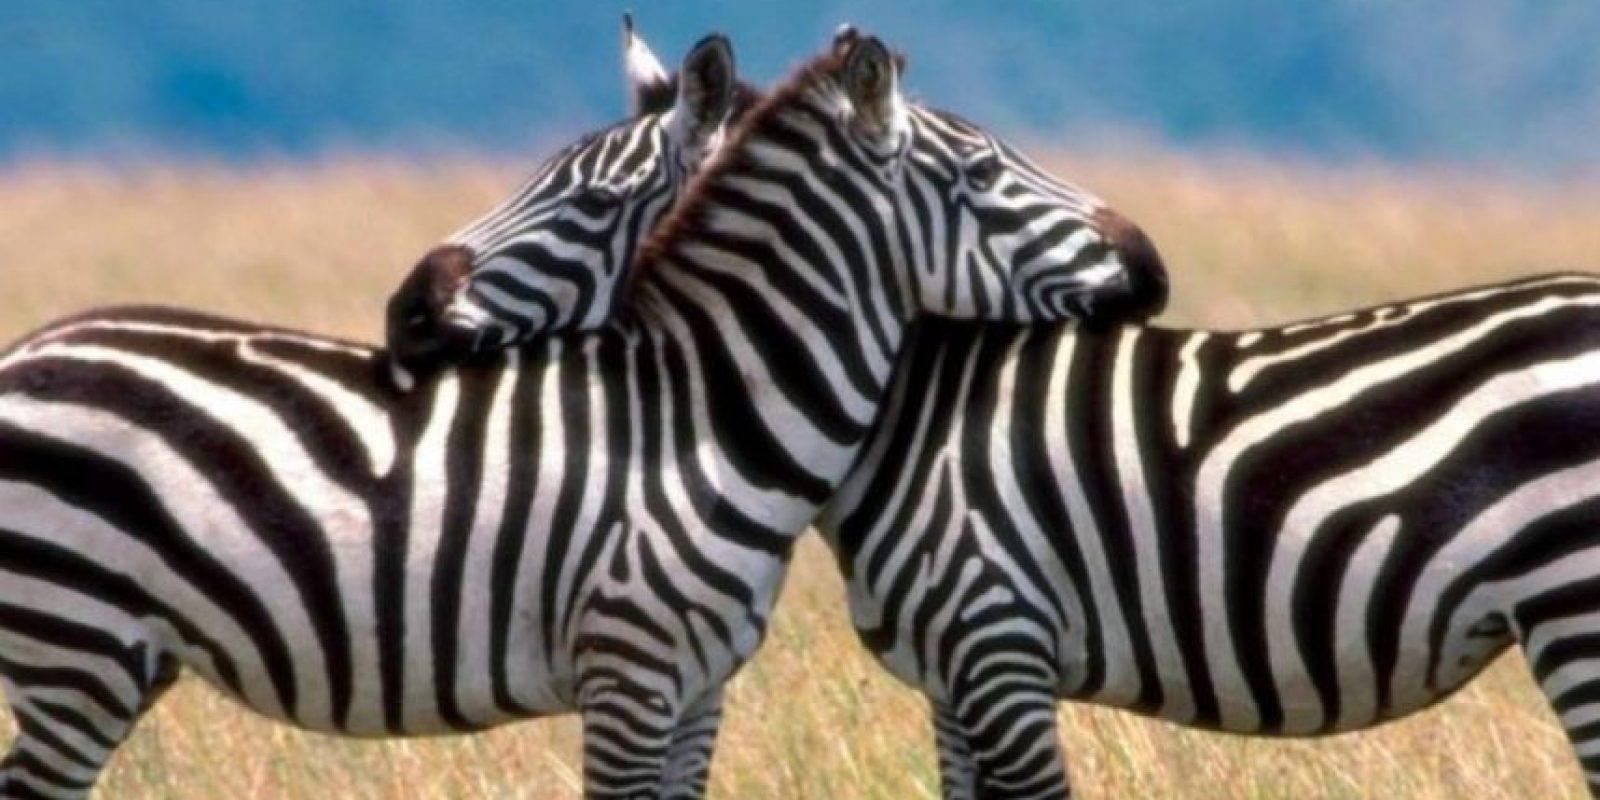 Una mujer africana decidió tener sexo con su socio en los arbustos, precisamente cerca de un león. Este, ni corto ni perezoso, atacó y la mató. Foto:FunnyWallpapers. Imagen Por: